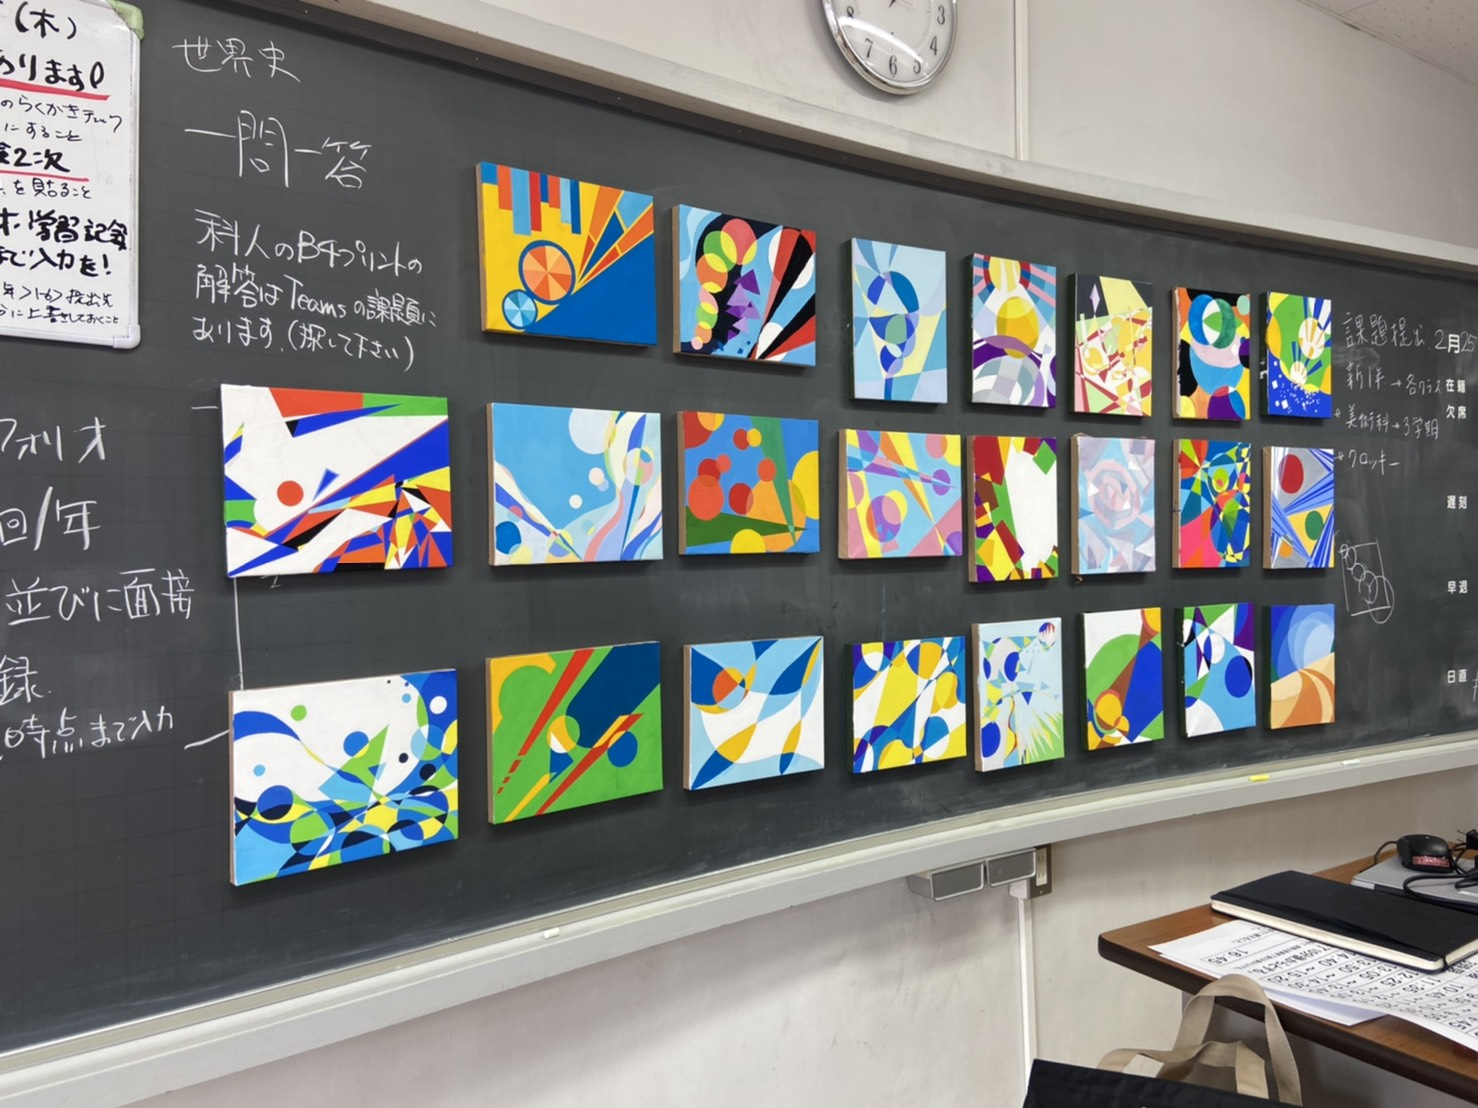 専攻美術Ⅰ 授業終了